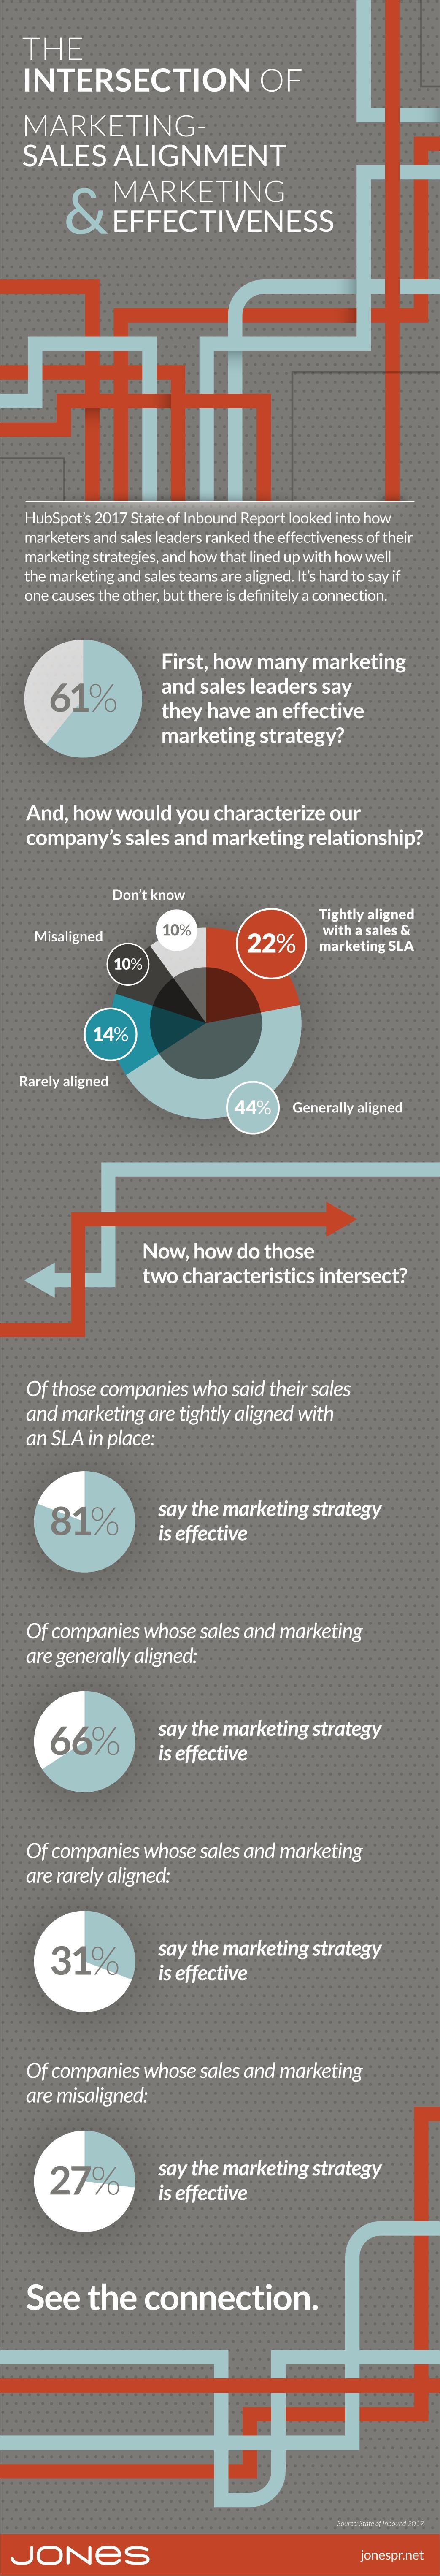 jones-marketing-effectiveness-alignment.jpg